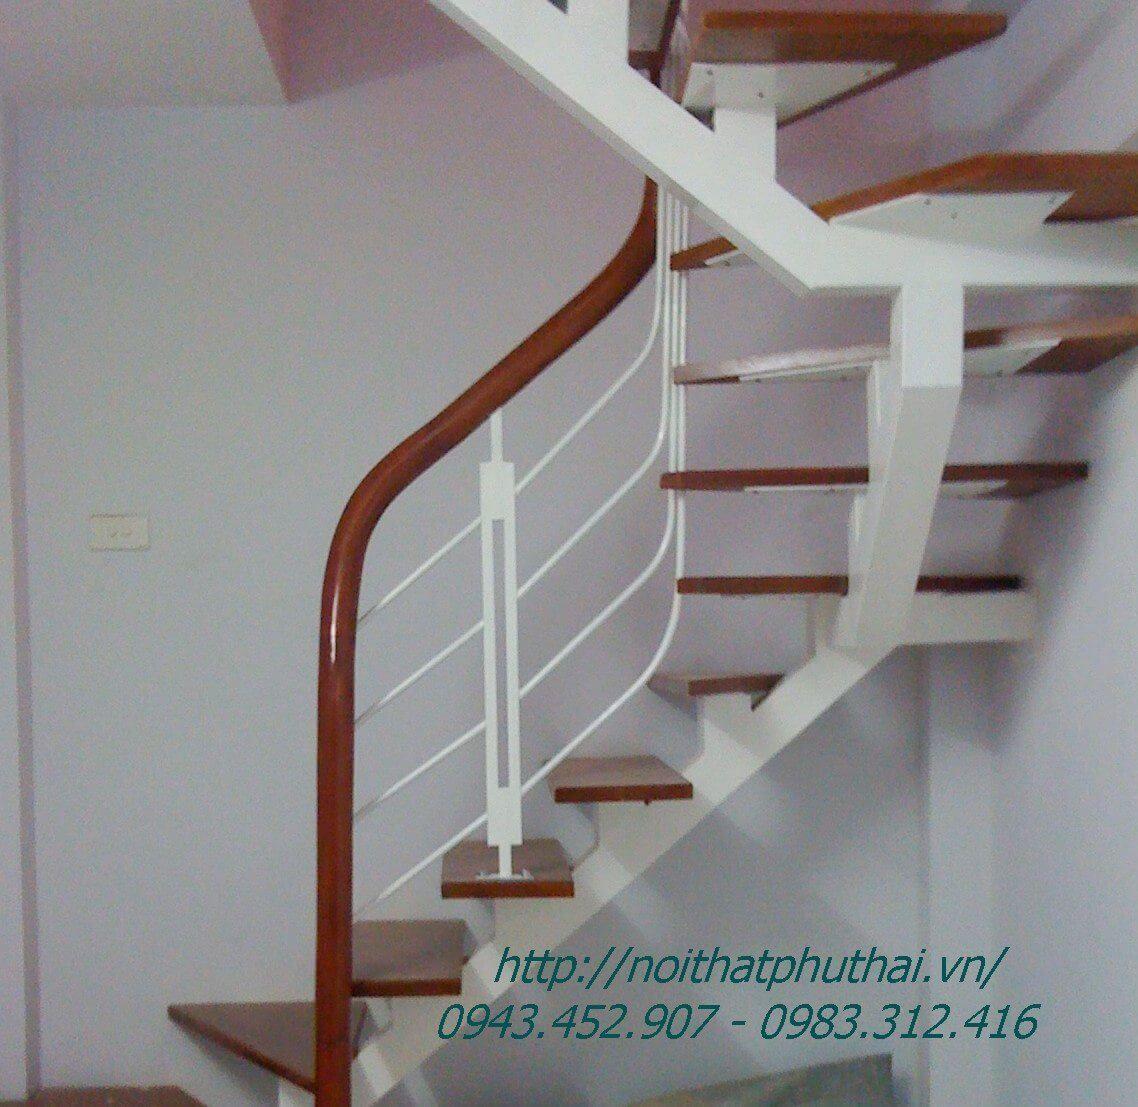 Cầu thang xương cá sắt PT12